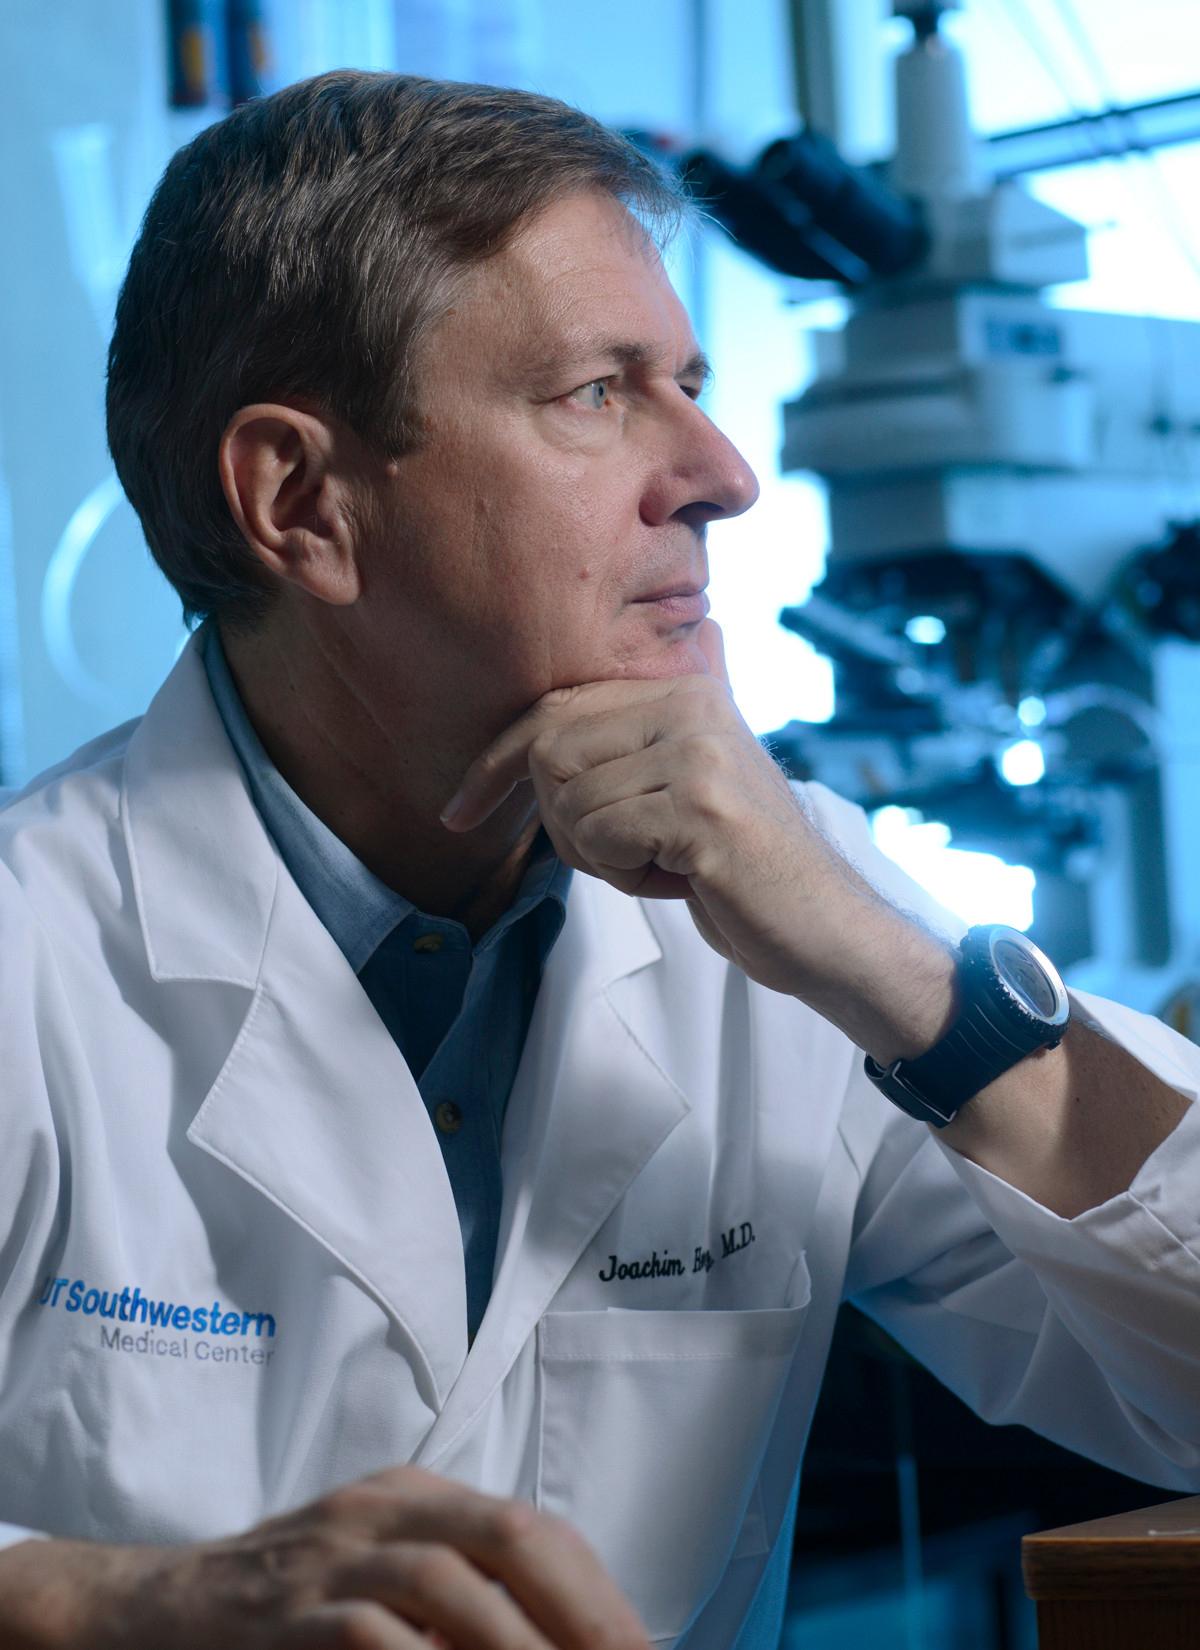 Joachim Herz, MD, UT Southwestern Medical Center